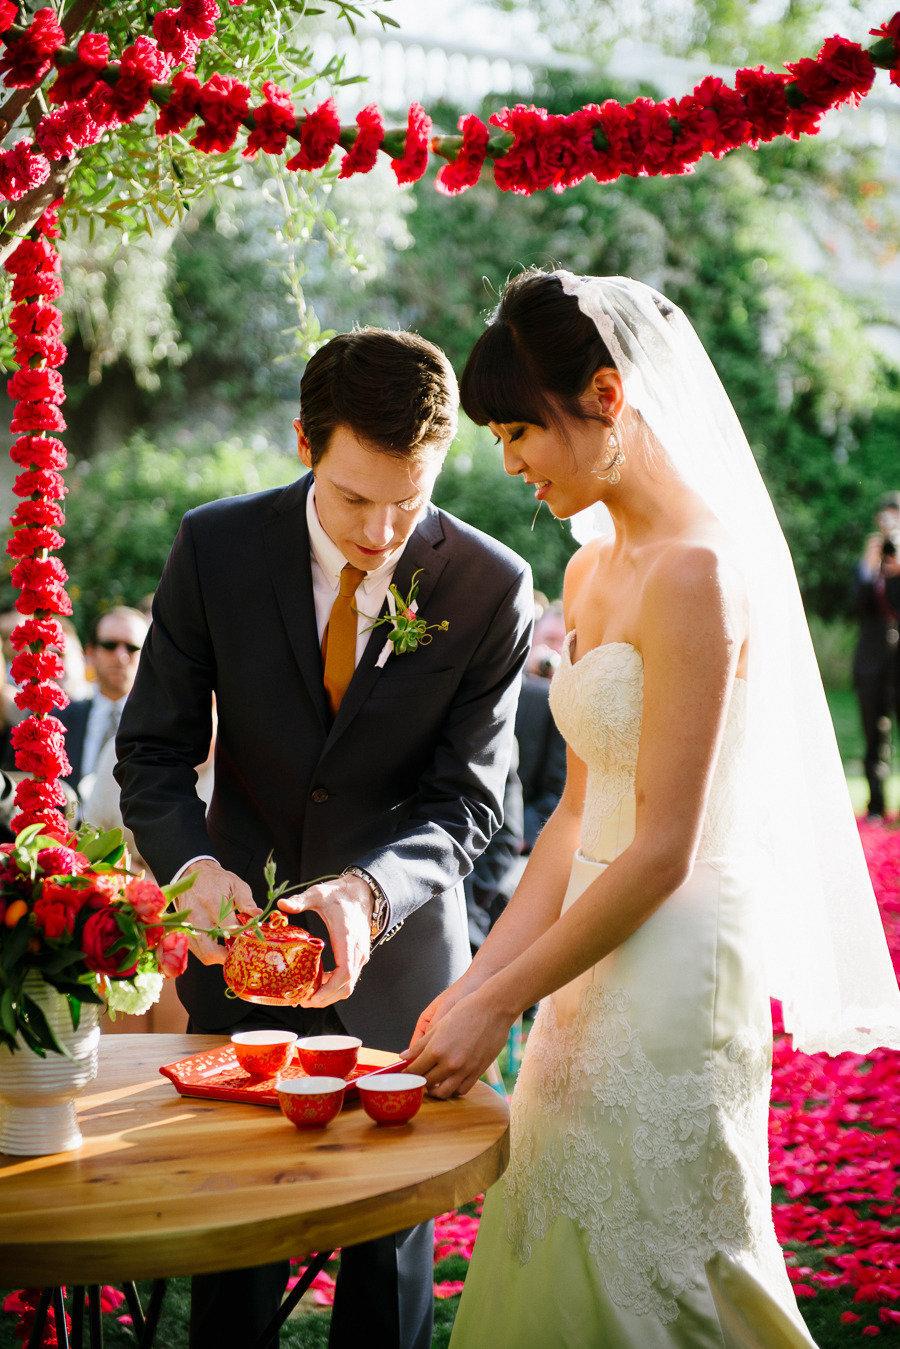 10 מנהגי חתונות מסביב לעולם